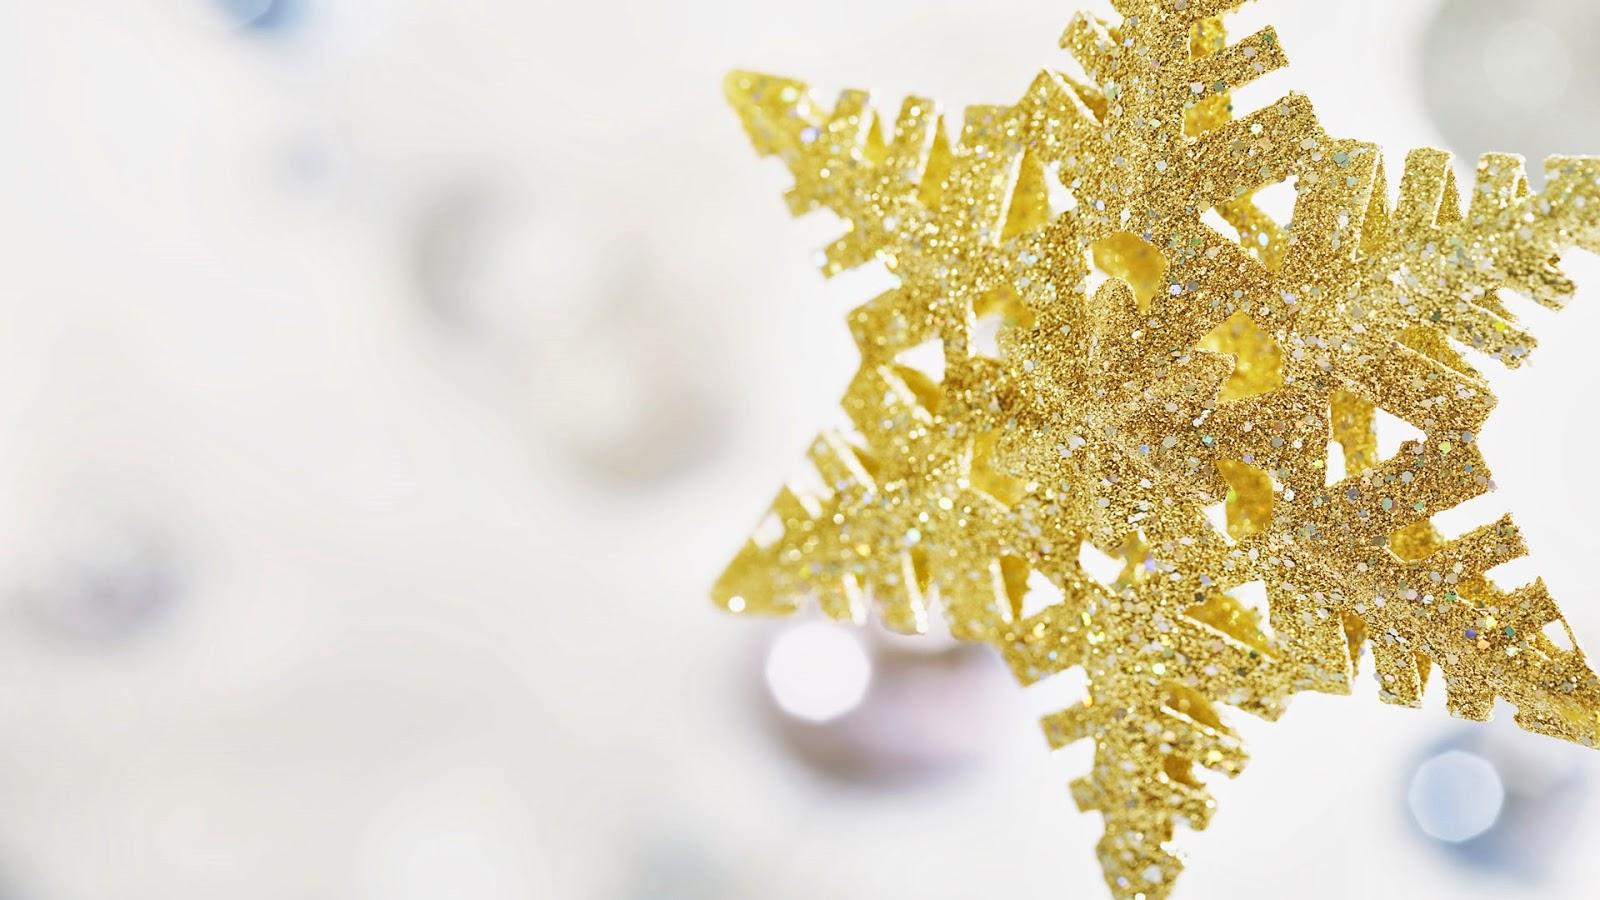 Fondos De Pantalla Navidenos: Fondo De Pantalla Navidad Copo De Nieve Dorado